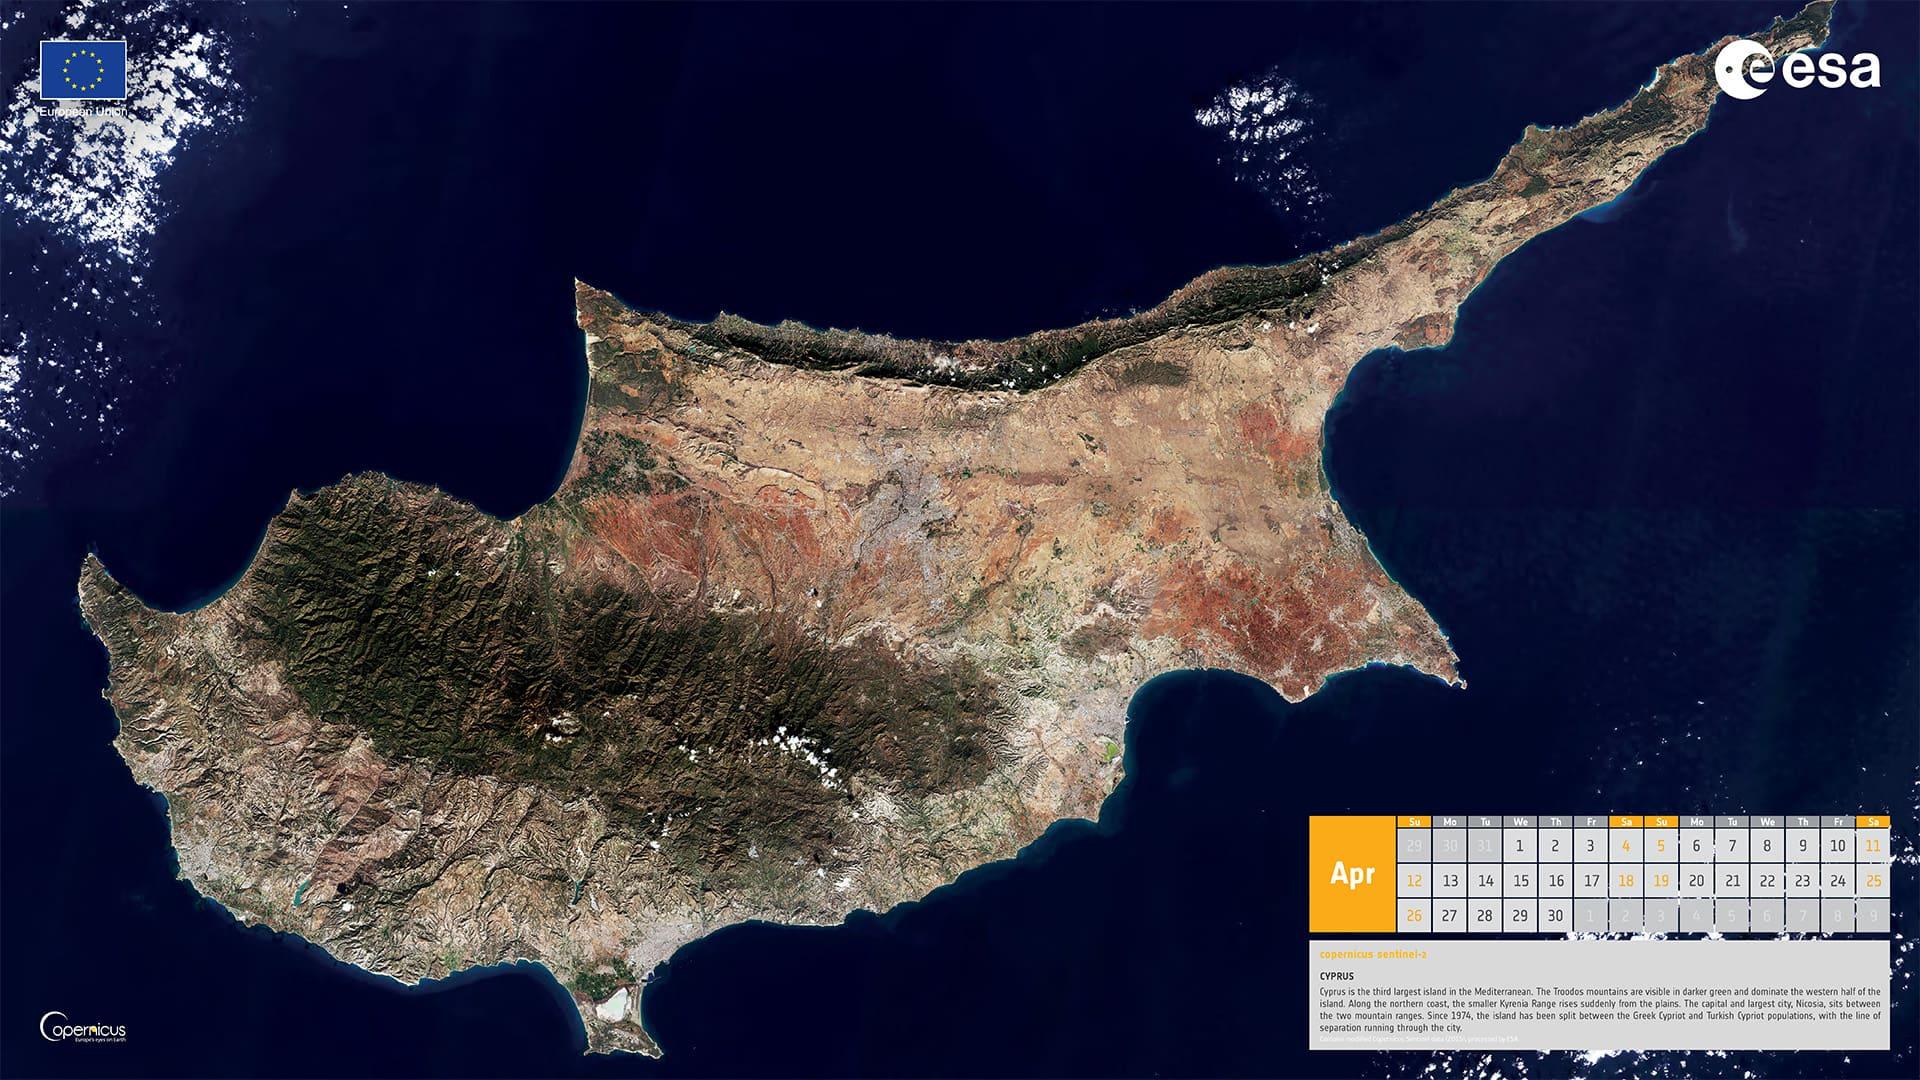 Avril 2020 - Île de Chypre